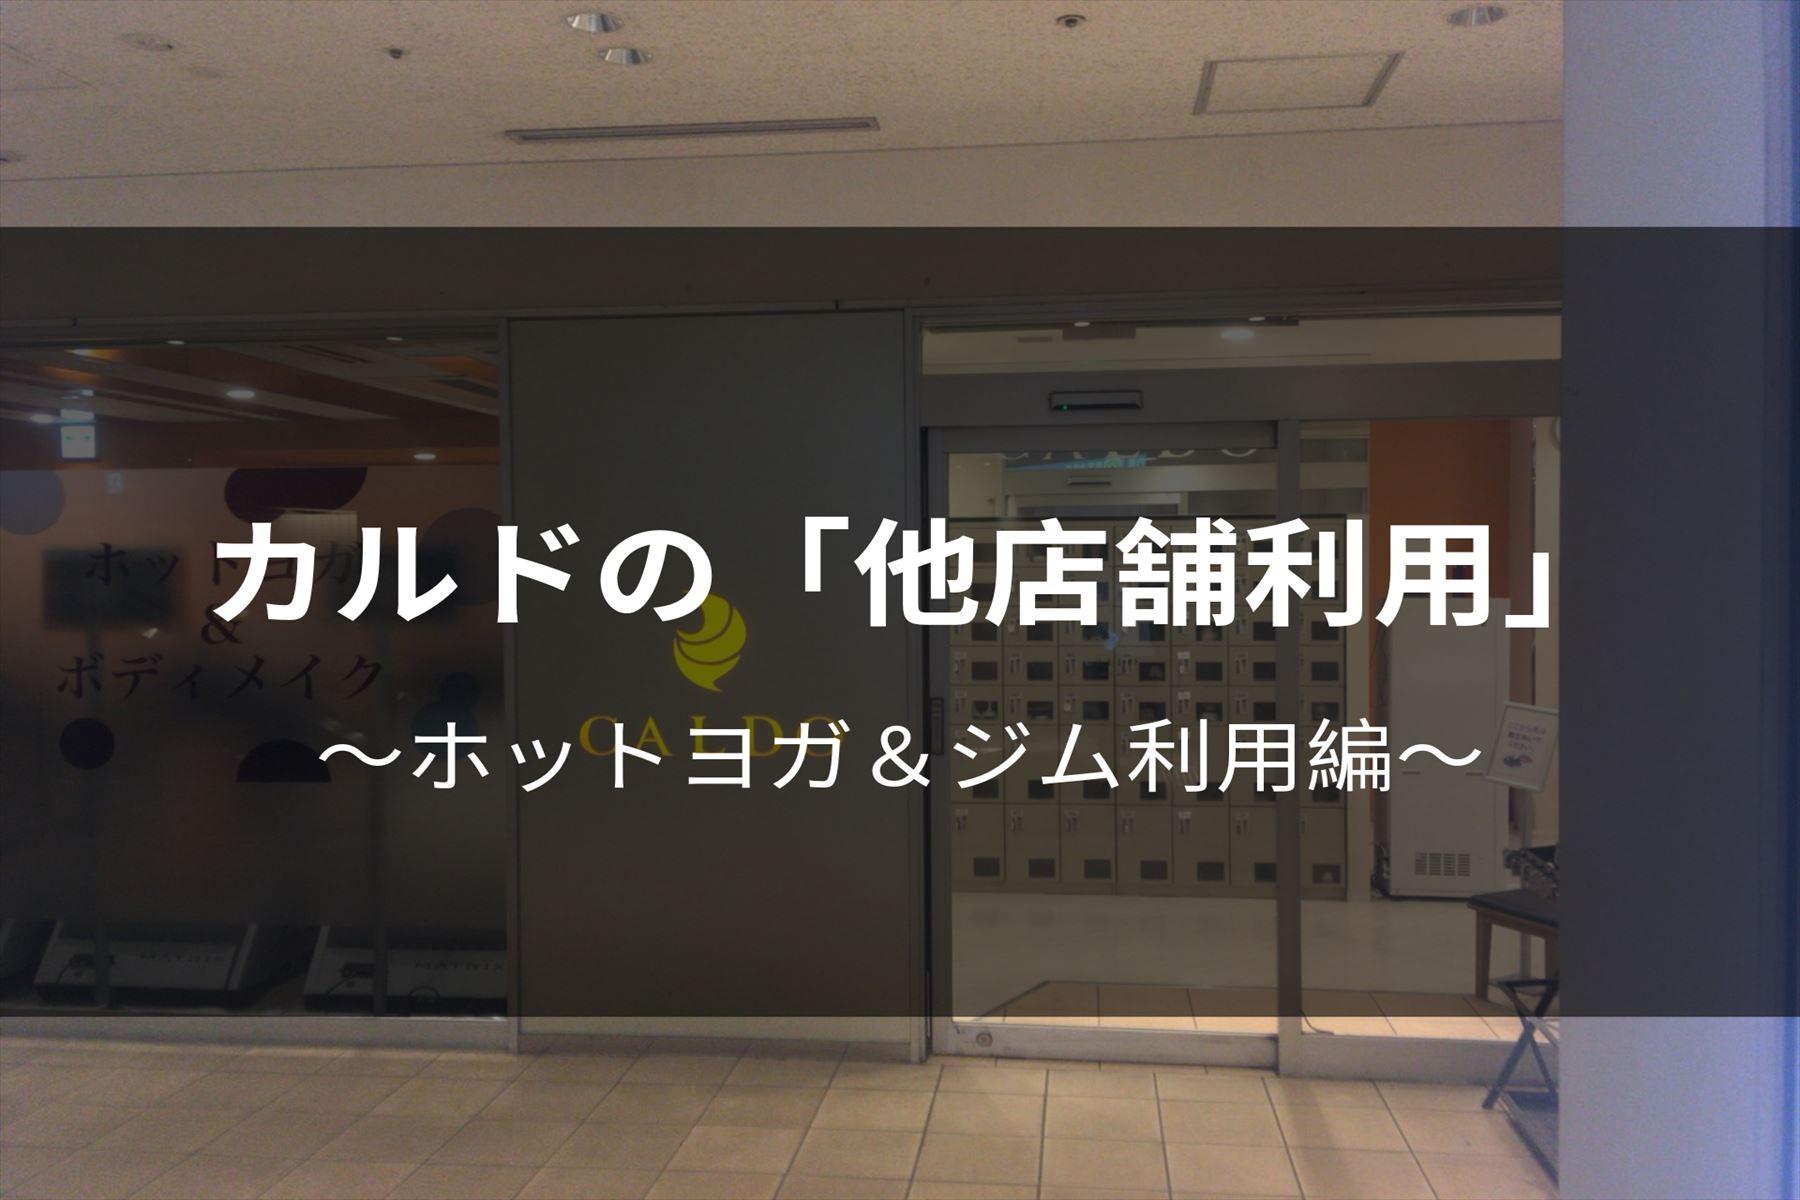 カルド ヨガ 他店舗